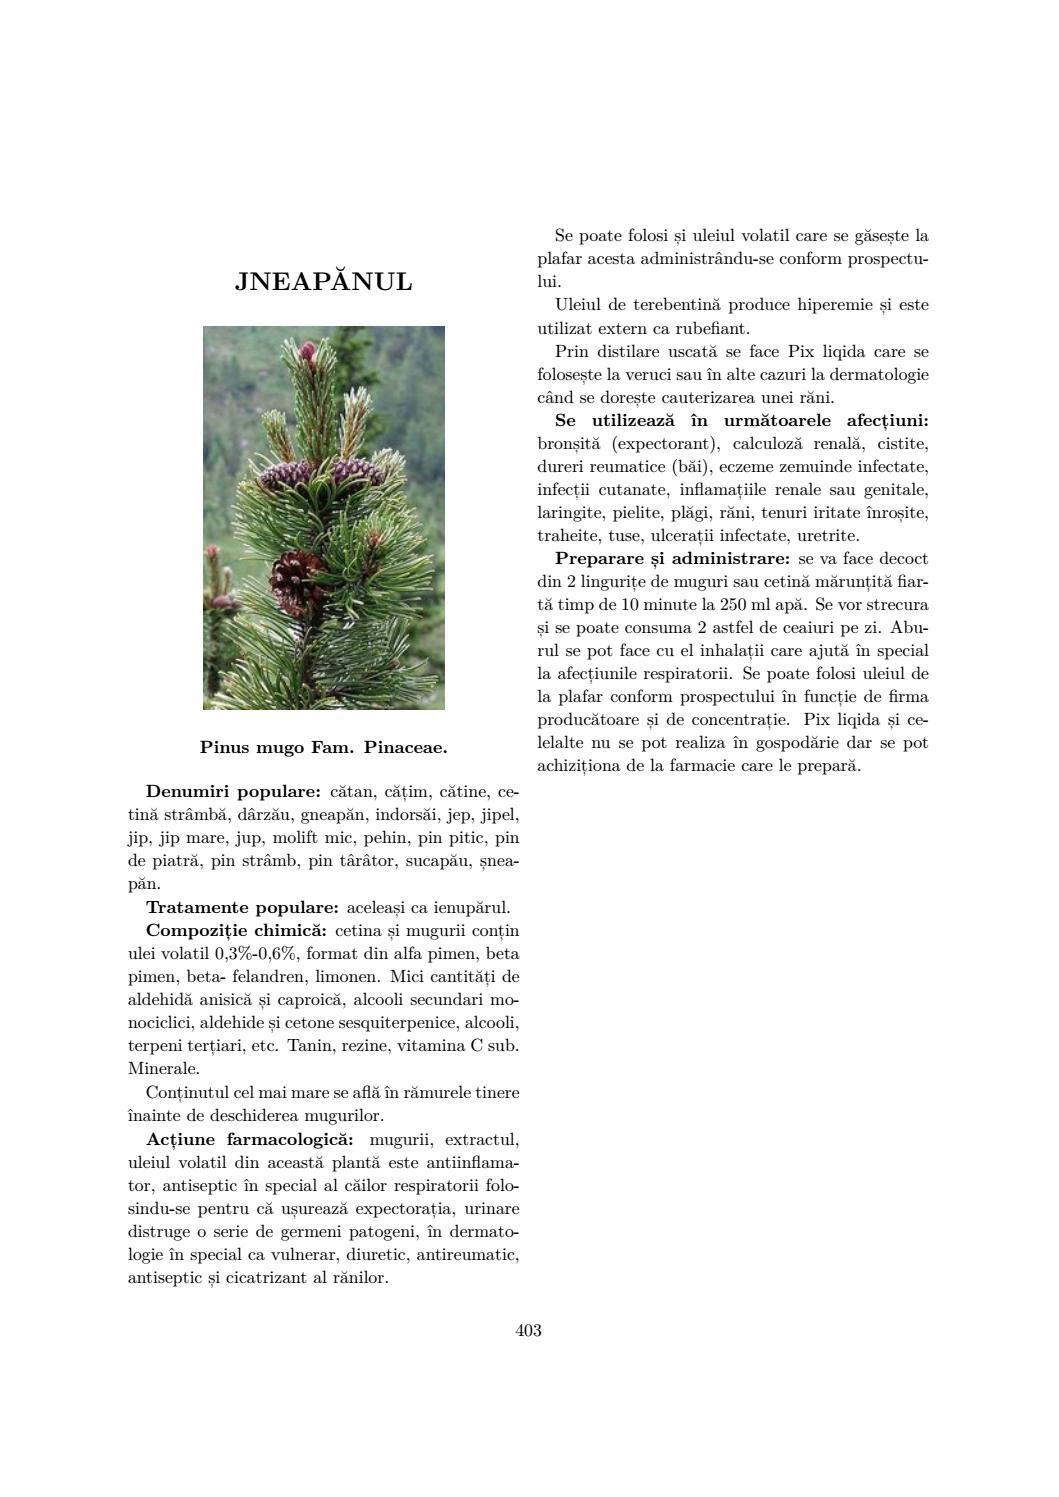 plantă erecto- reducătoare